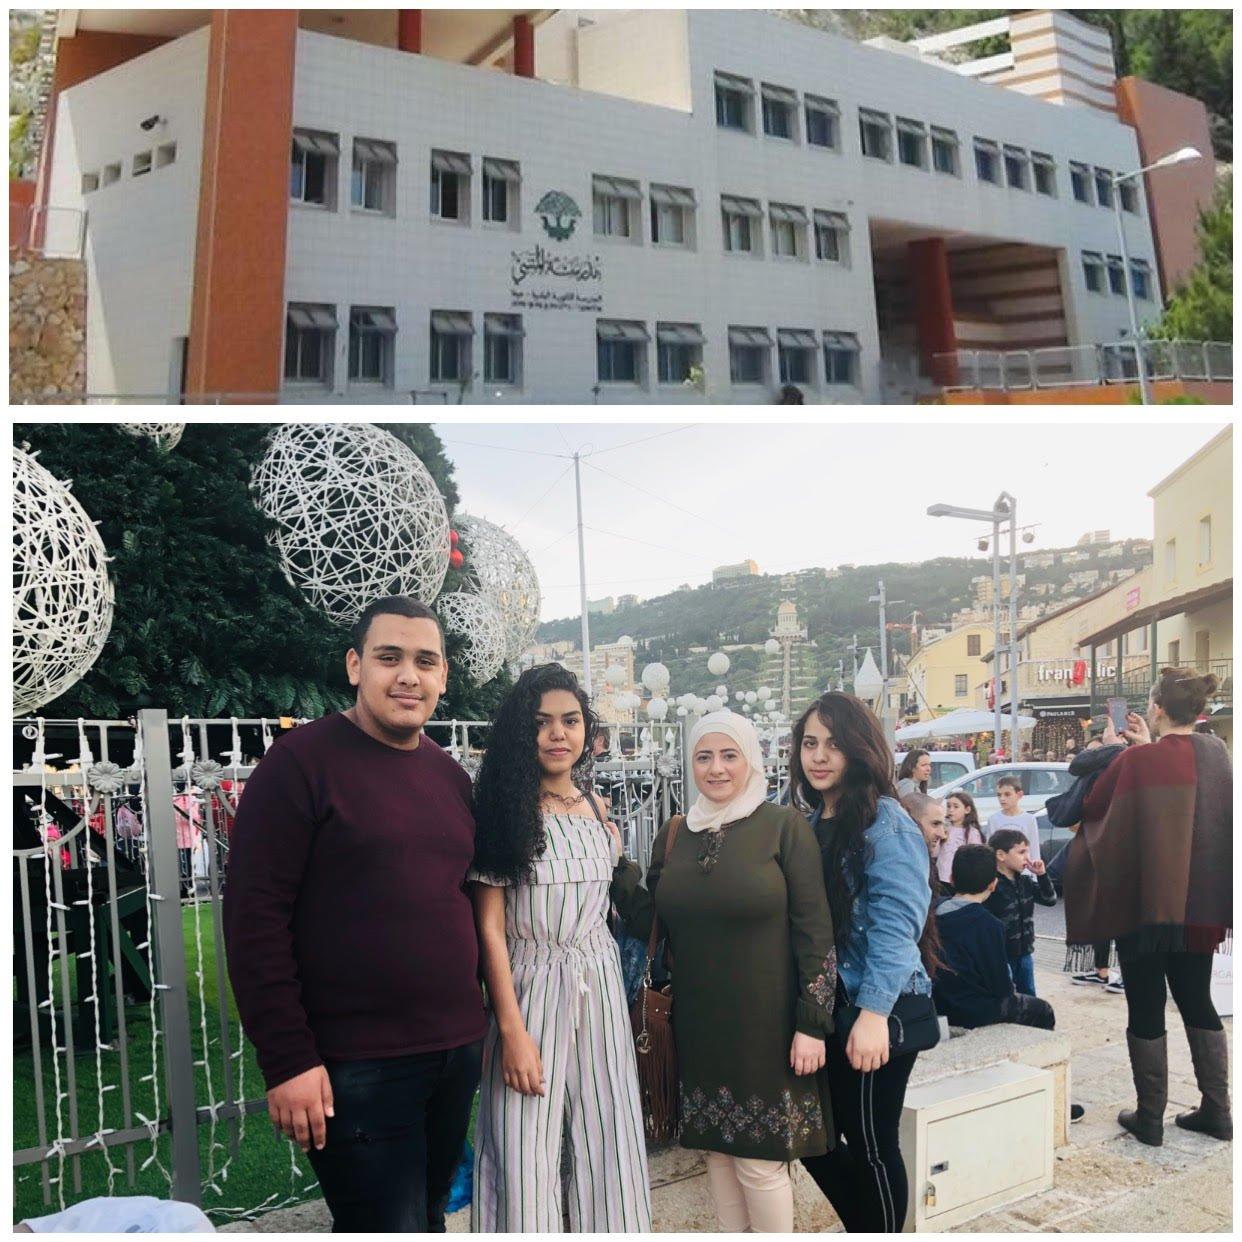 مدرسة المتنبّي في حيفا تتماهى مع عيد الأعياد على طريقتها الخاصّة وتختتم فصلها الدراسيّ الأوّل